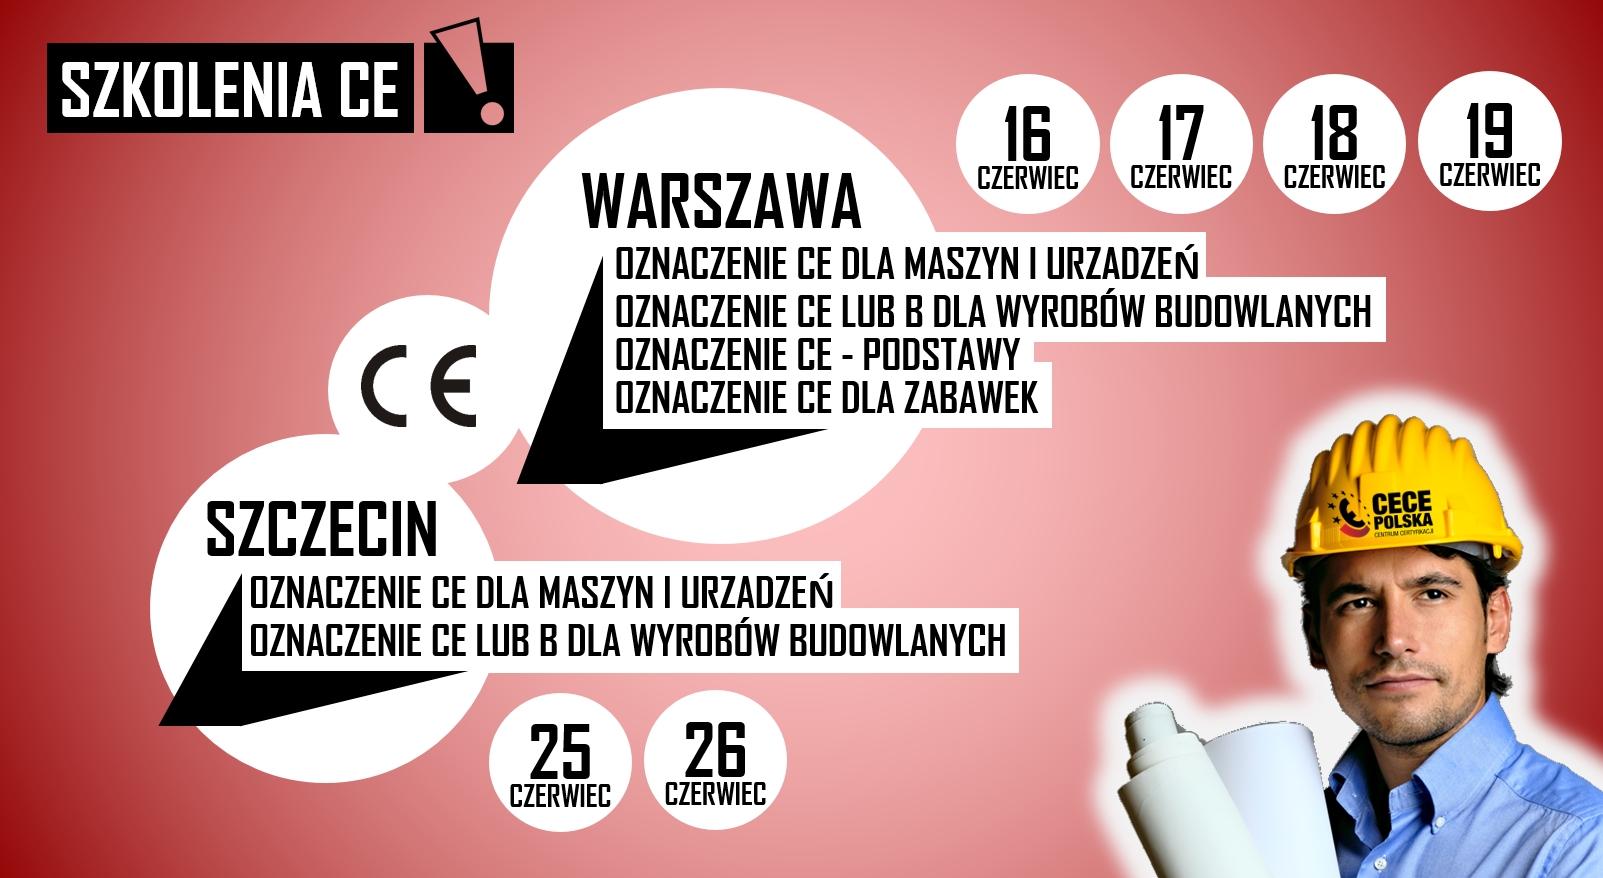 znak CE - WARSZAWA I SZCZECIN - CZERWIEC